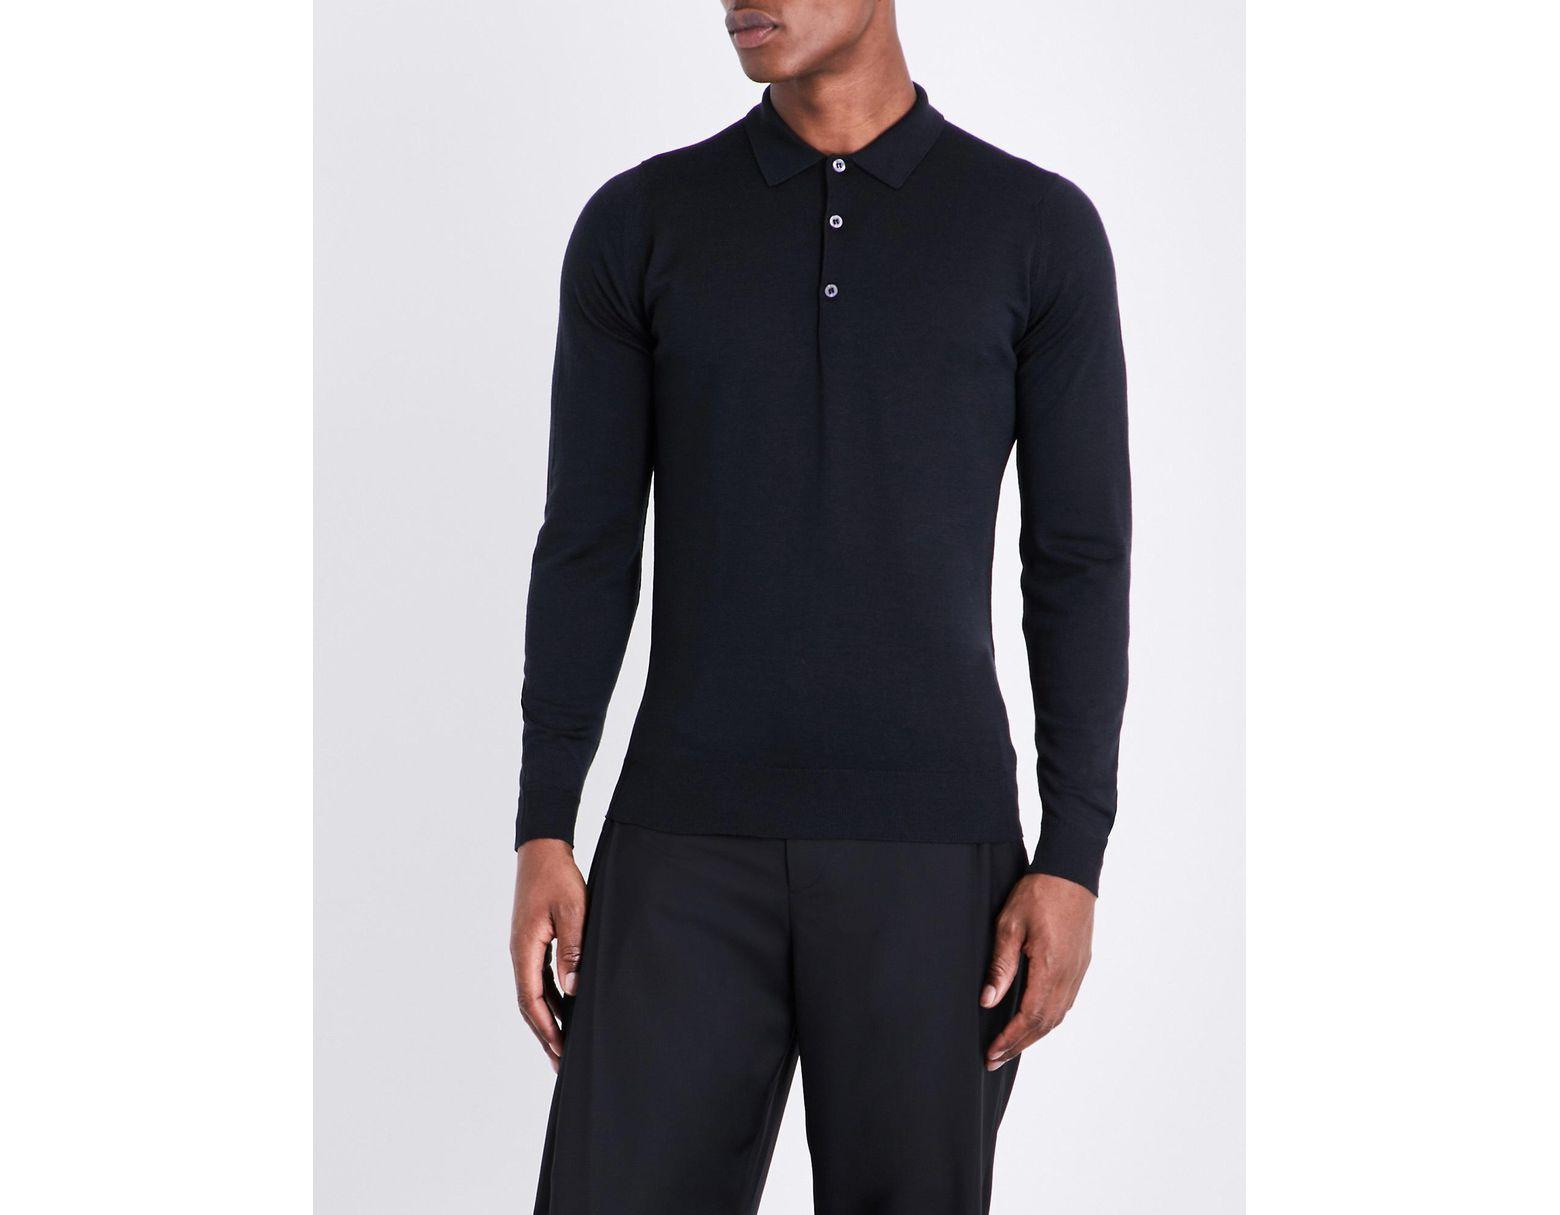 39361389 John Smedley Belper Knitted Polo Jumper in Black for Men - Lyst